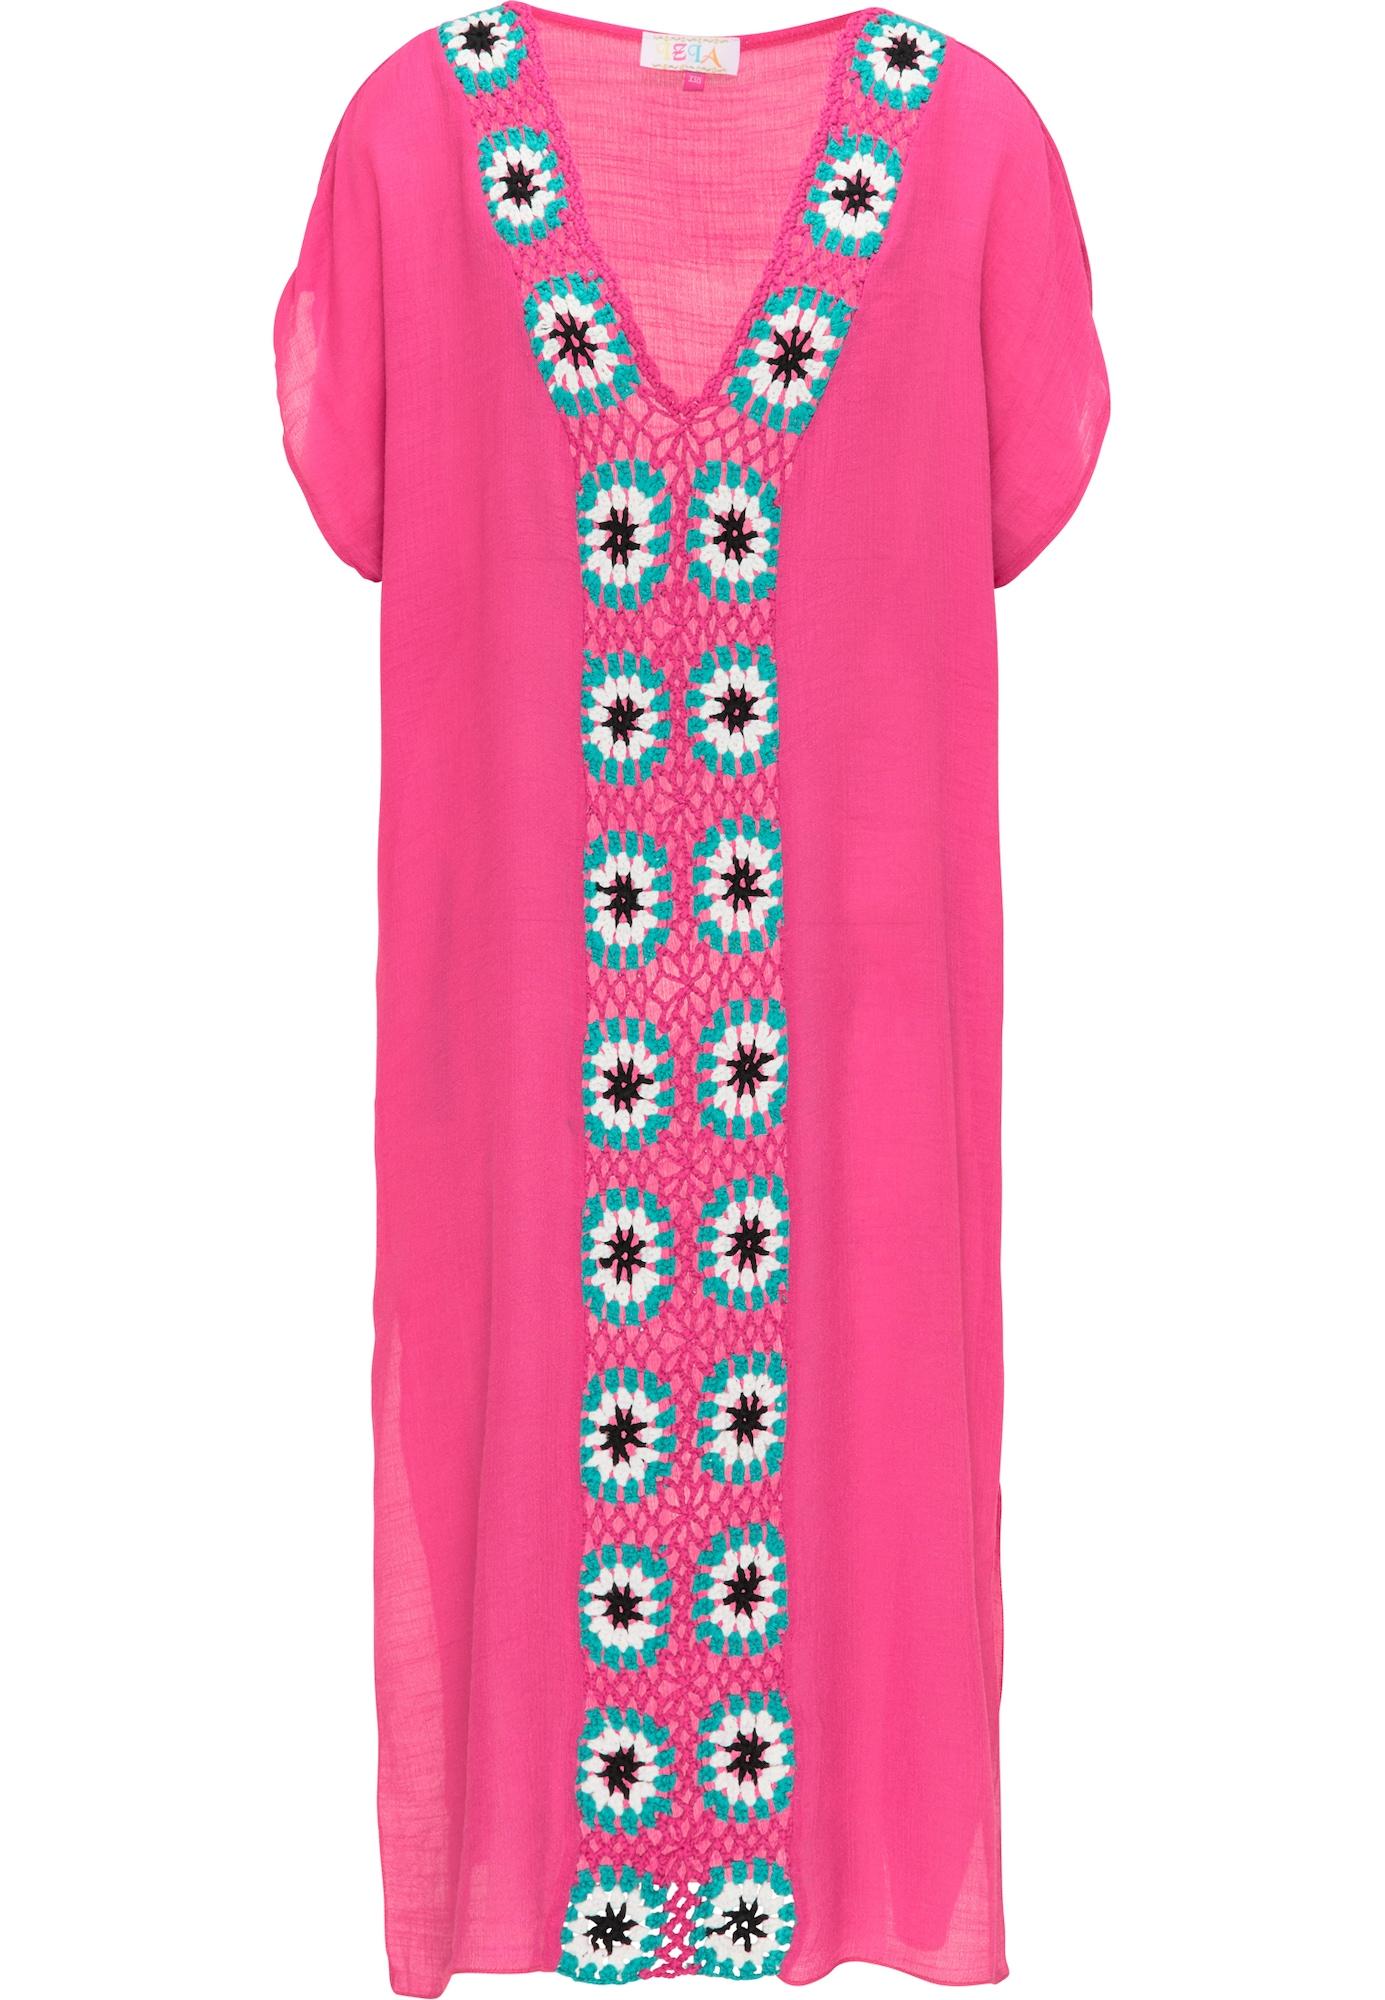 IZIA Paplūdimio suknelė rožinė / mėlyna / balta / juoda